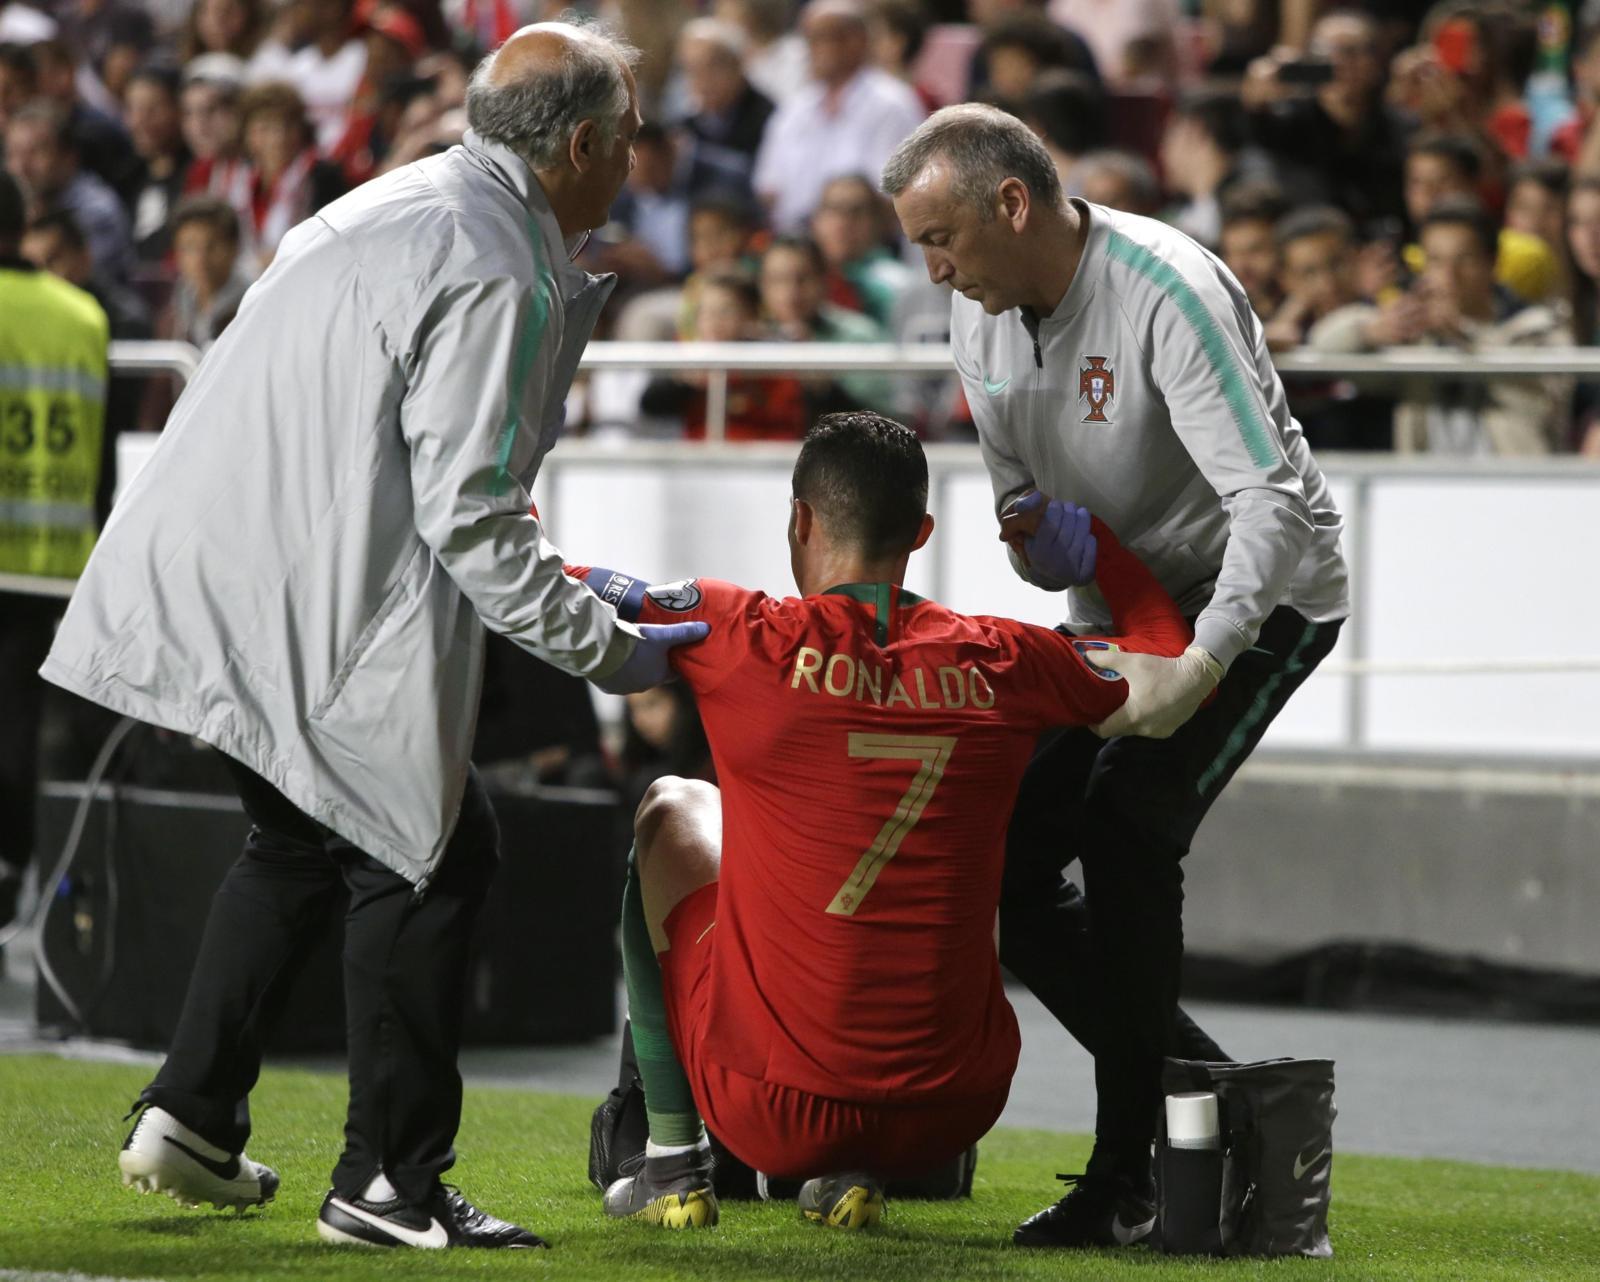 Portogallo, Ronaldo infortunato: Juve in ansia